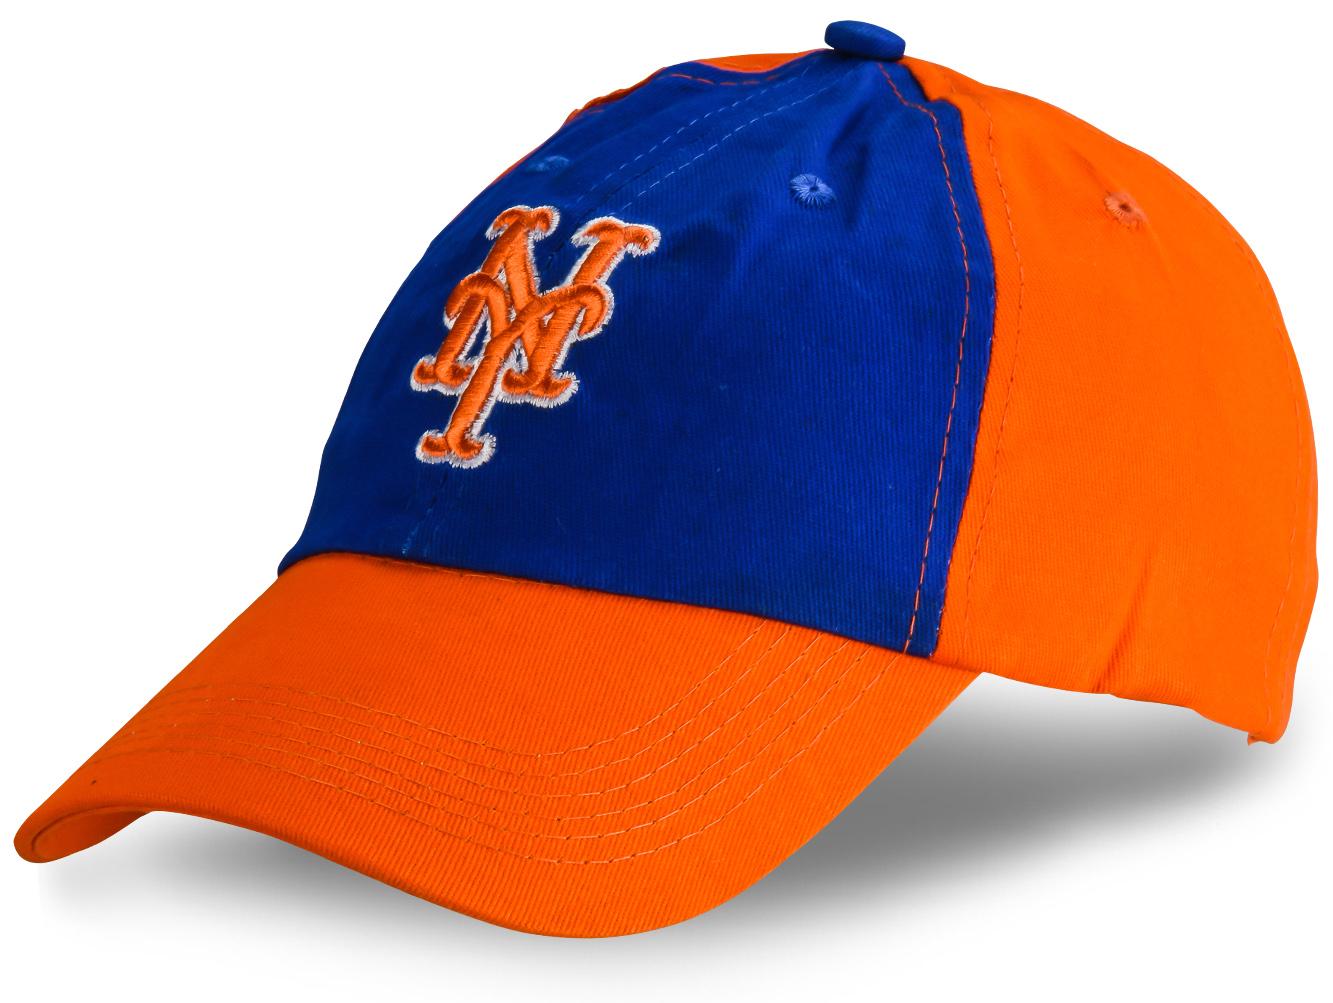 Бейсболка NY - купить в интернет-магазине с доставкой